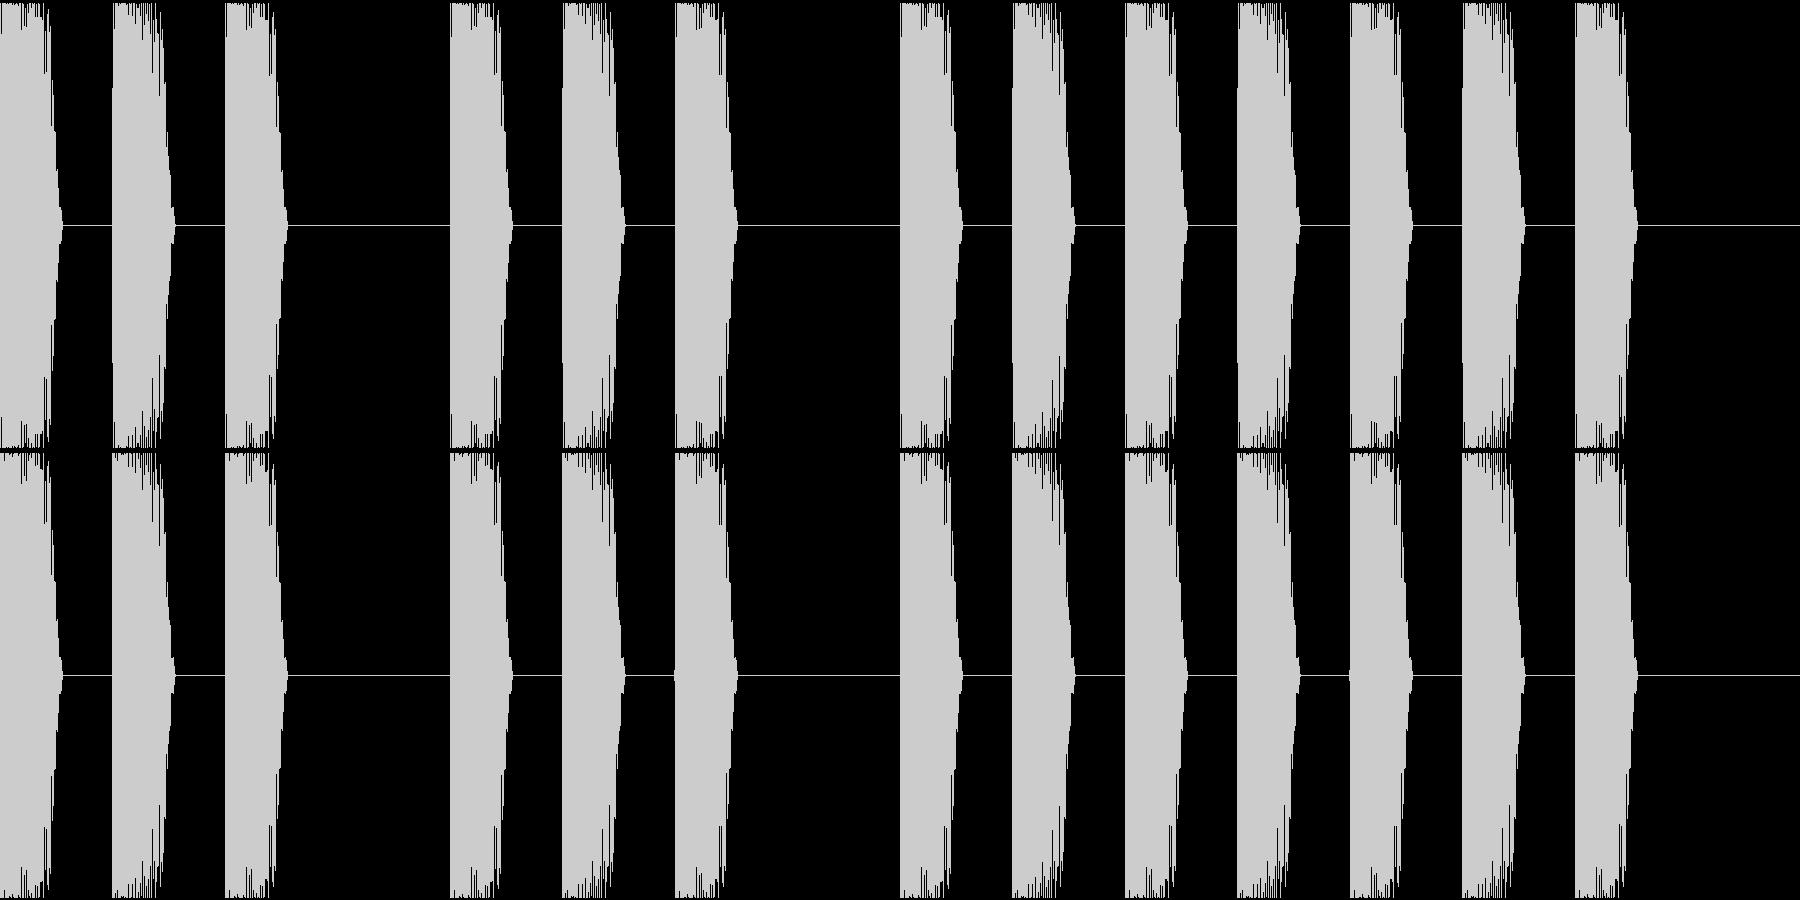 三三七拍子 その6 ドンドンドンの未再生の波形